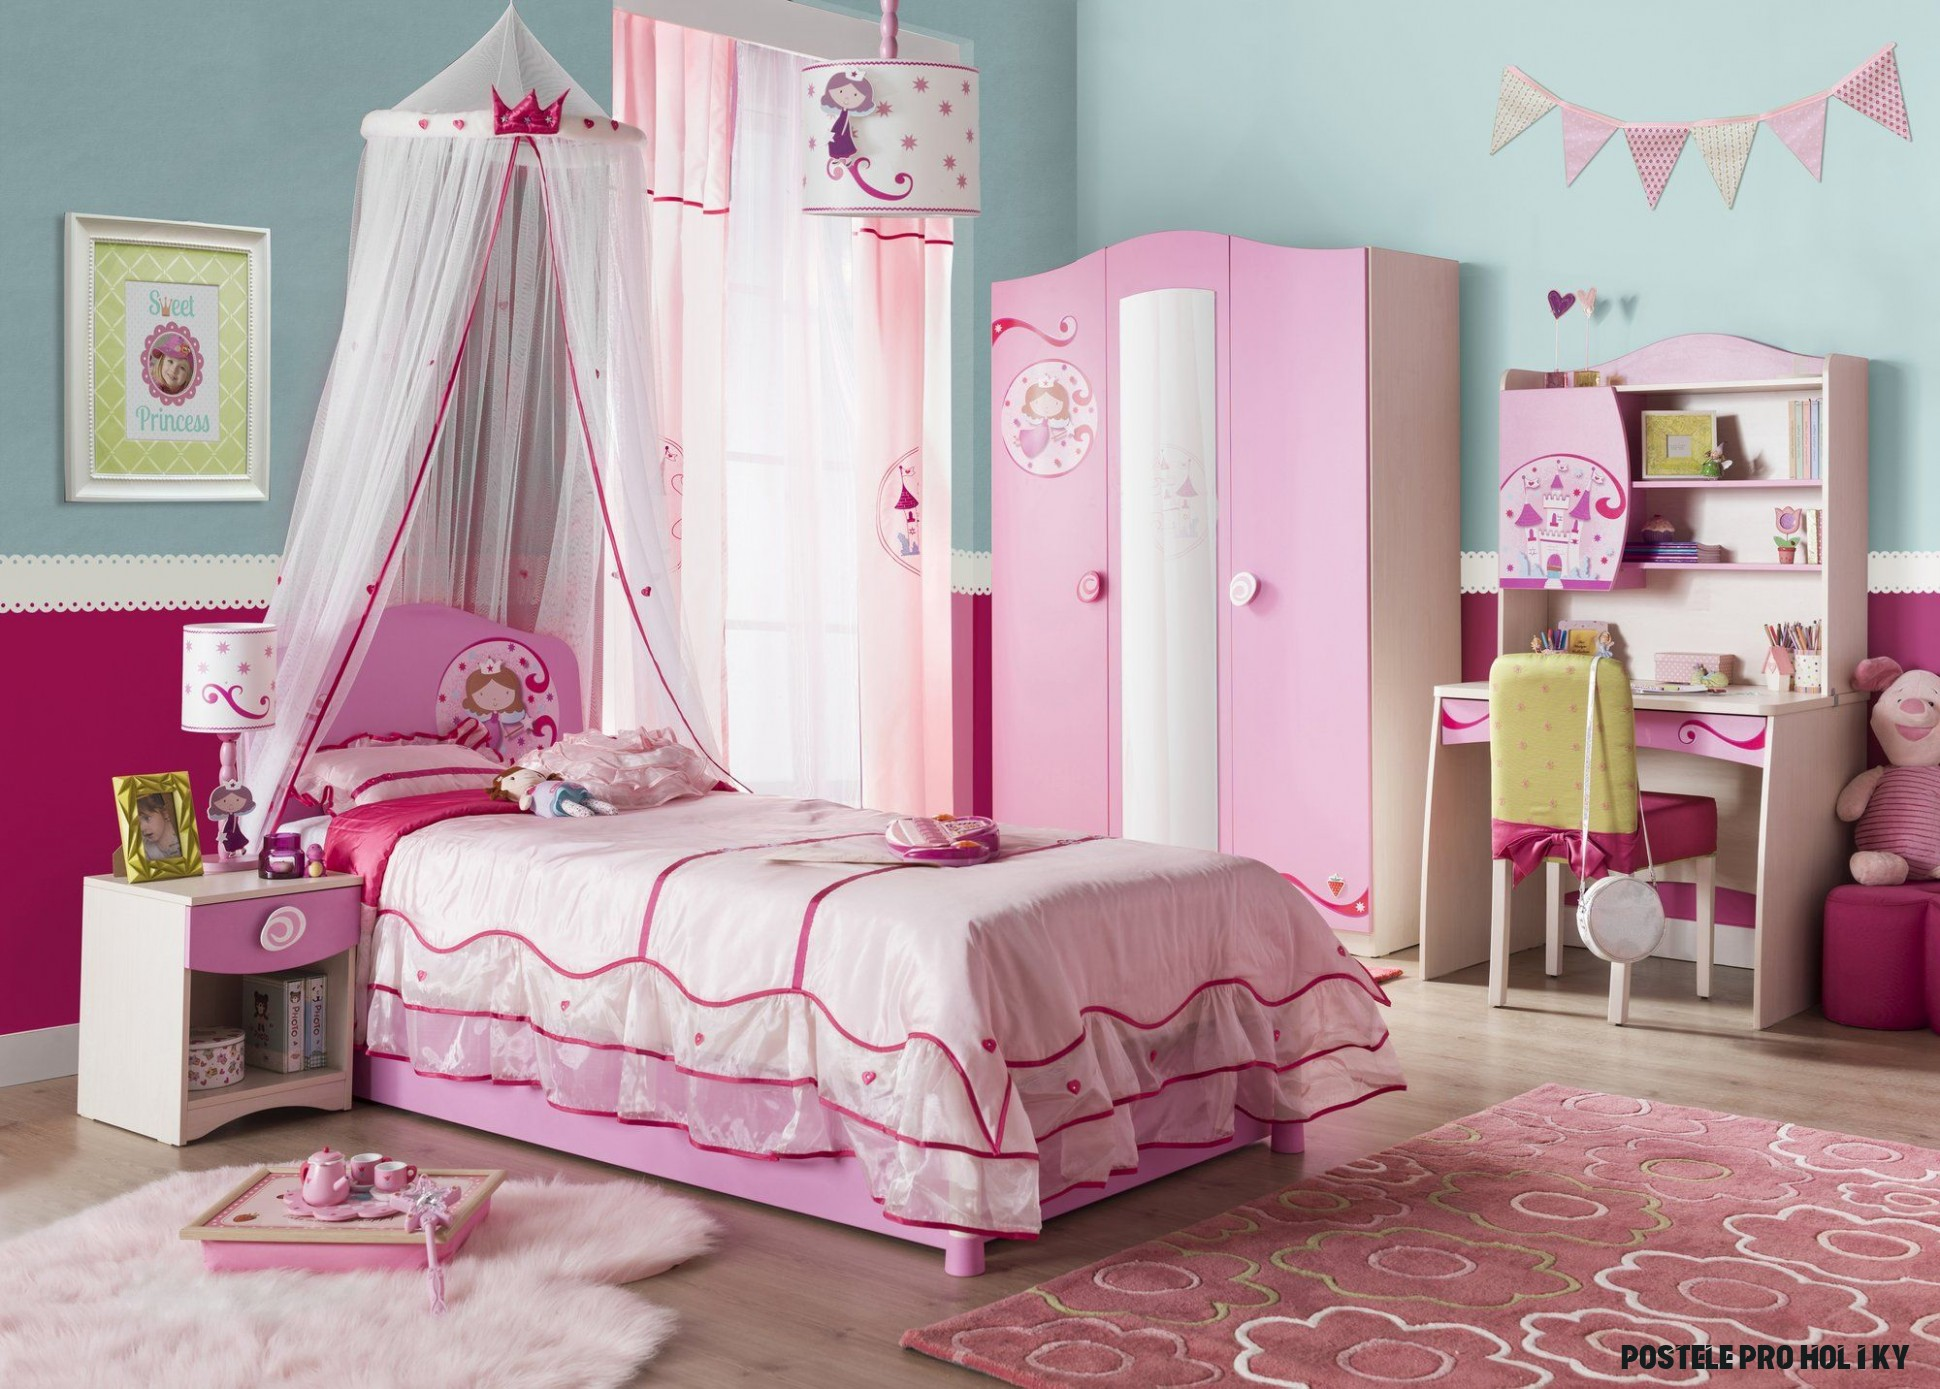 Dětský pokoj Princess je perfektním řešením dětského pokojíku